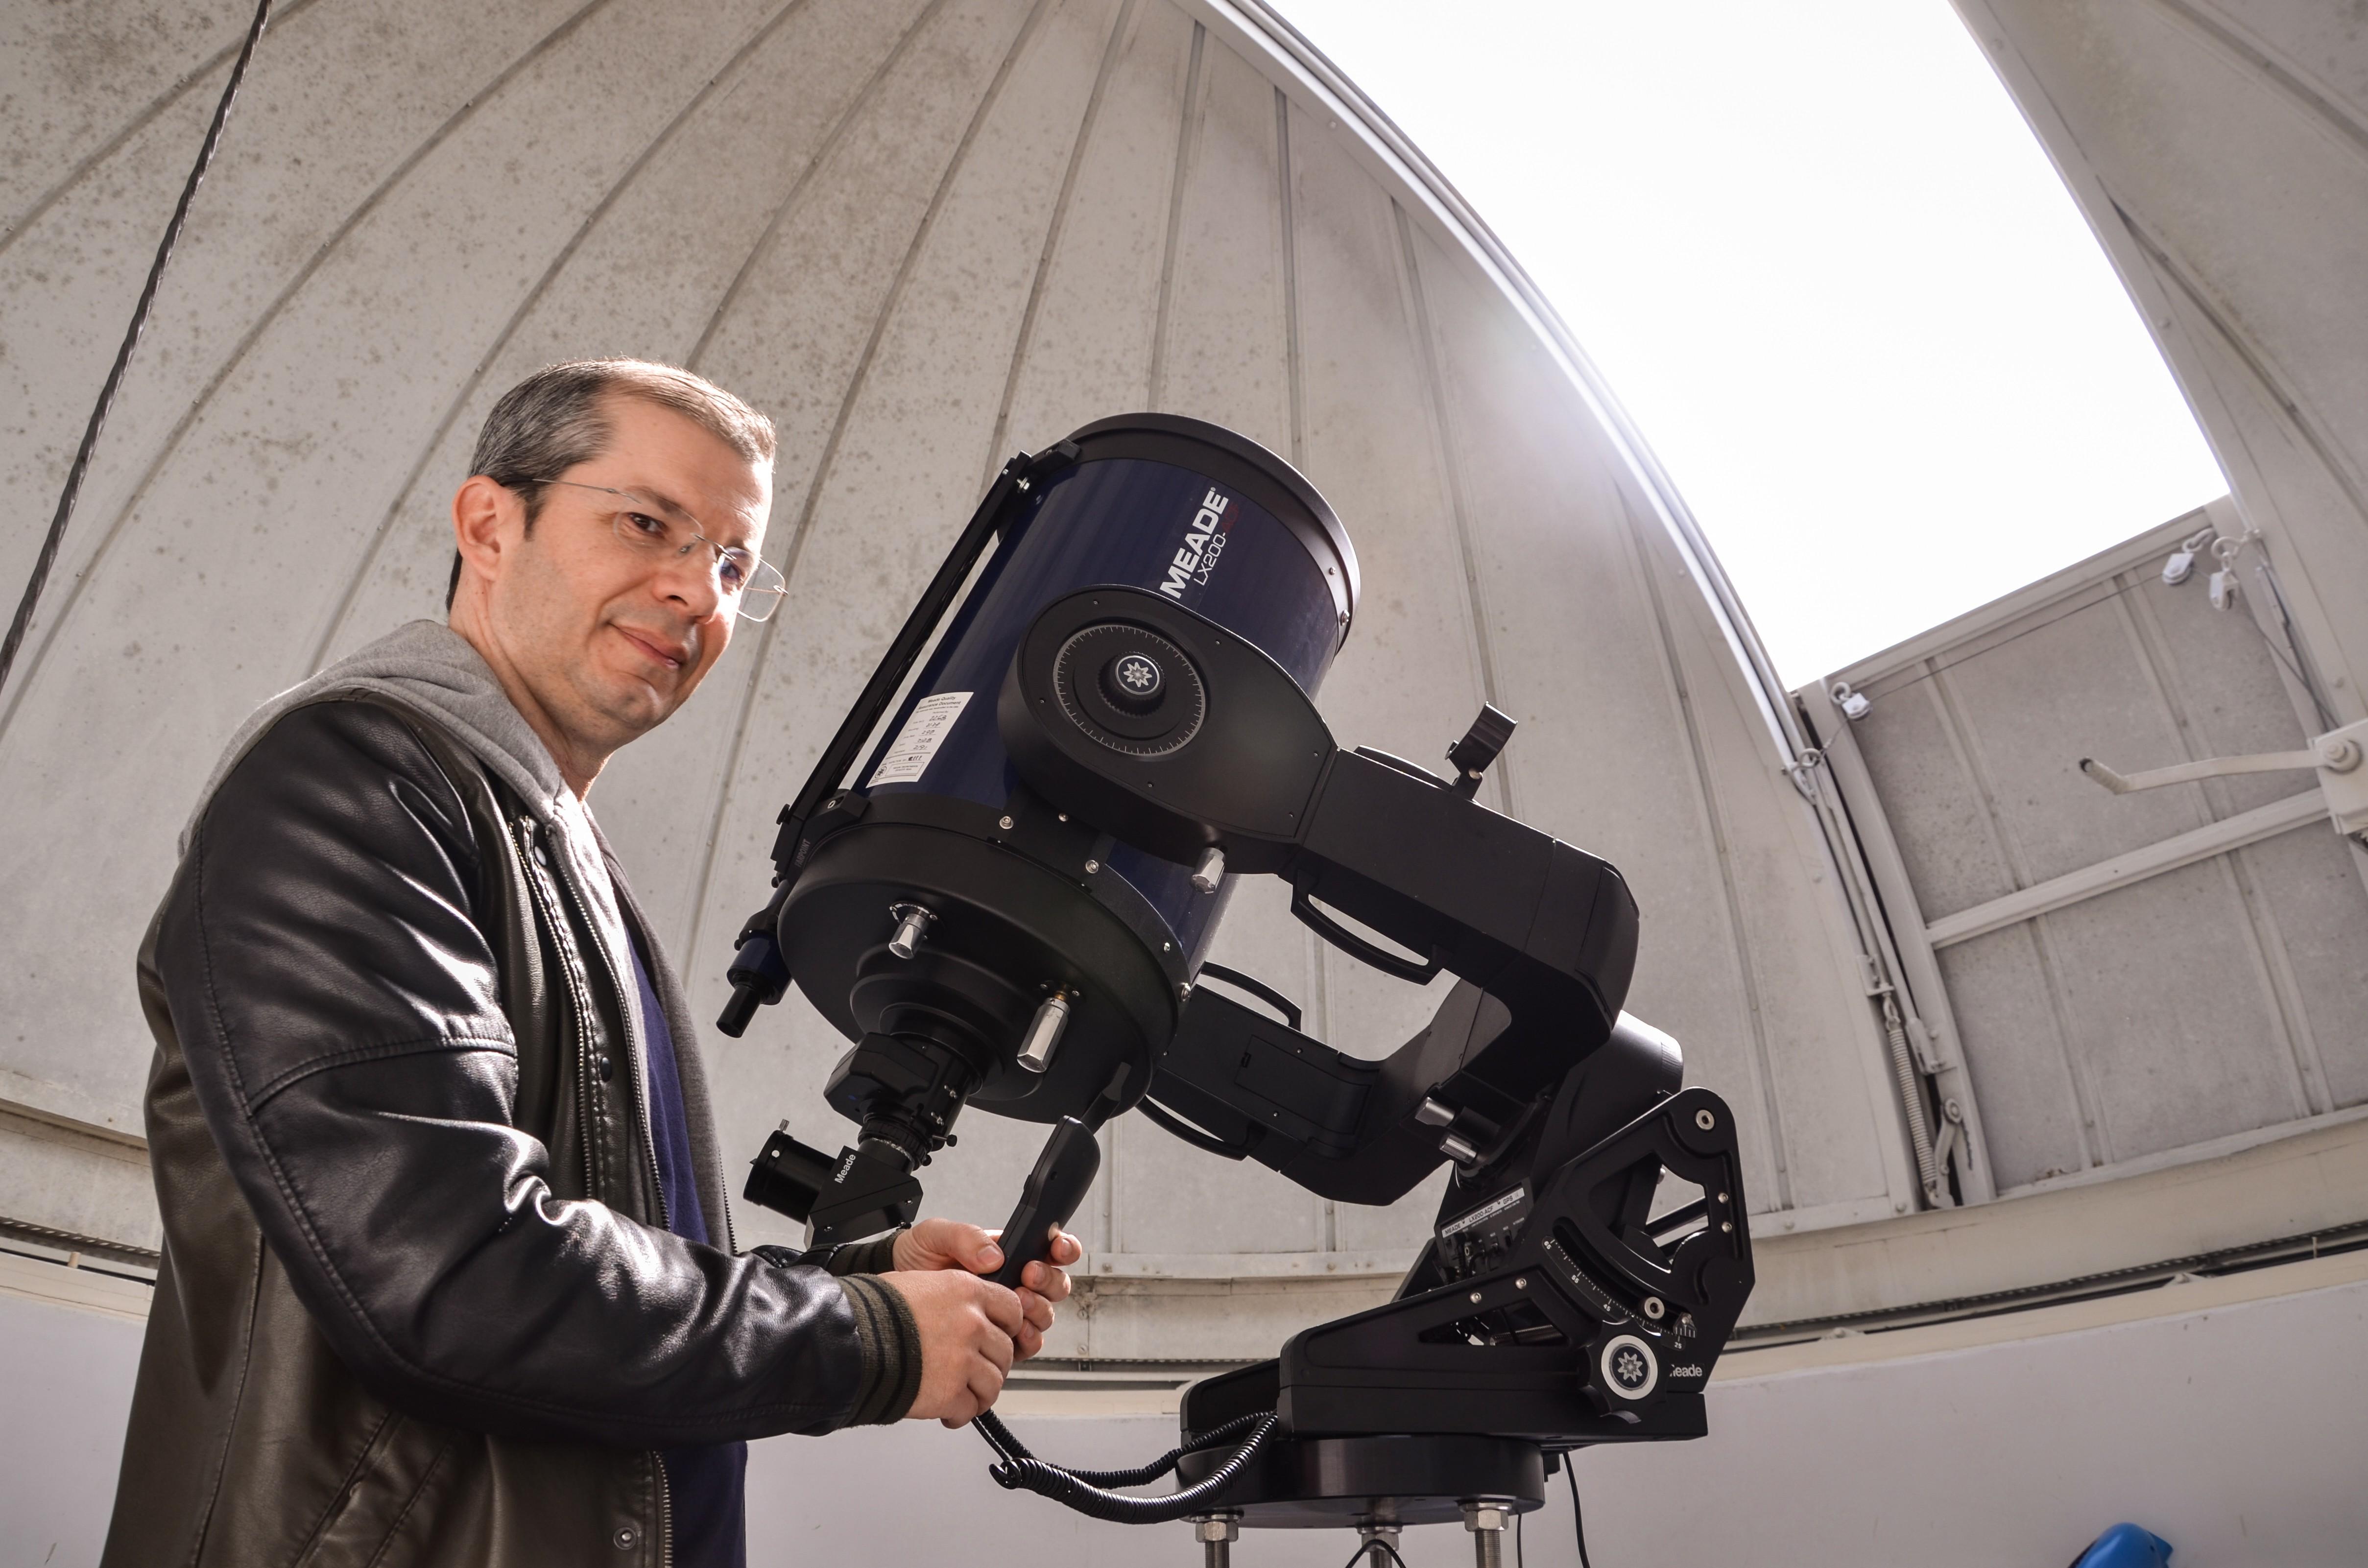 O professor Alexandre Soares no Observatório da Univap (Foto: Divulgação)